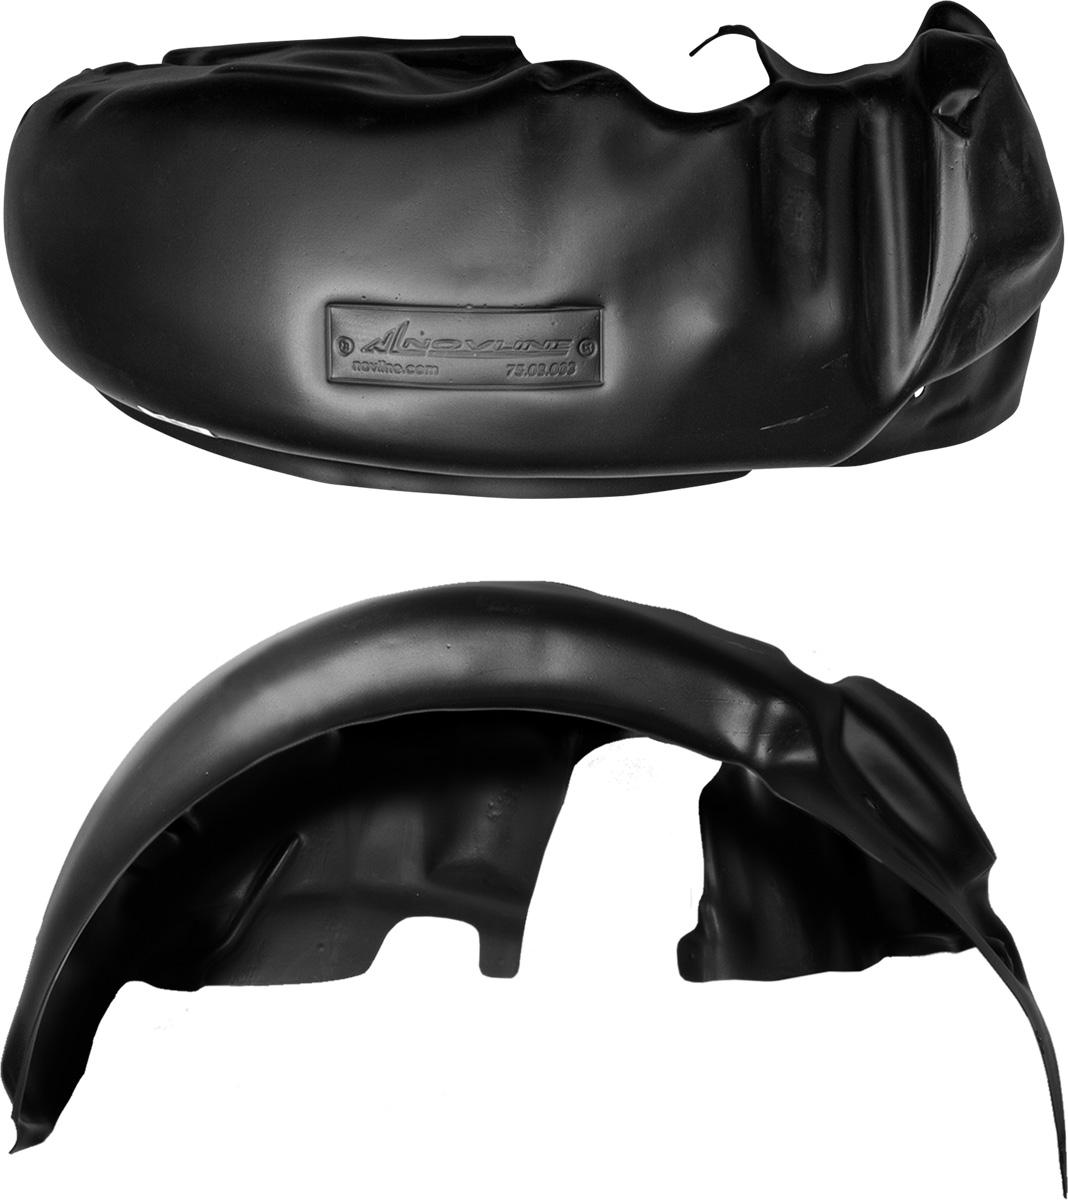 Подкрылок CHEVROLET NIVA 2009-2013, задний левый1004900000360Колесные ниши – одни из самых уязвимых зон днища вашего автомобиля. Они постоянно подвергаются воздействию со стороны дороги. Лучшая, почти абсолютная защита для них - специально отформованные пластиковые кожухи, которые называются подкрылками, или локерами. Производятся они как для отечественных моделей автомобилей, так и для иномарок. Подкрылки выполнены из высококачественного, экологически чистого пластика. Обеспечивают надежную защиту кузова автомобиля от пескоструйного эффекта и негативного влияния, агрессивных антигололедных реагентов. Пластик обладает более низкой теплопроводностью, чем металл, поэтому в зимний период эксплуатации использование пластиковых подкрылков позволяет лучше защитить колесные ниши от налипания снега и образования наледи. Оригинальность конструкции подчеркивает элегантность автомобиля, бережно защищает нанесенное на днище кузова антикоррозийное покрытие и позволяет осуществить крепление подкрылков внутри колесной арки практически без дополнительного крепежа и сверления, не нарушая при этом лакокрасочного покрытия, что предотвращает возникновение новых очагов коррозии. Технология крепления подкрылков на иномарки принципиально отличается от крепления на российские автомобили и разрабатывается индивидуально для каждой модели автомобиля. Подкрылки долговечны, обладают высокой прочностью и сохраняют заданную форму, а также все свои физико-механические характеристики в самых тяжелых климатических условиях ( от -50° С до + 50° С).